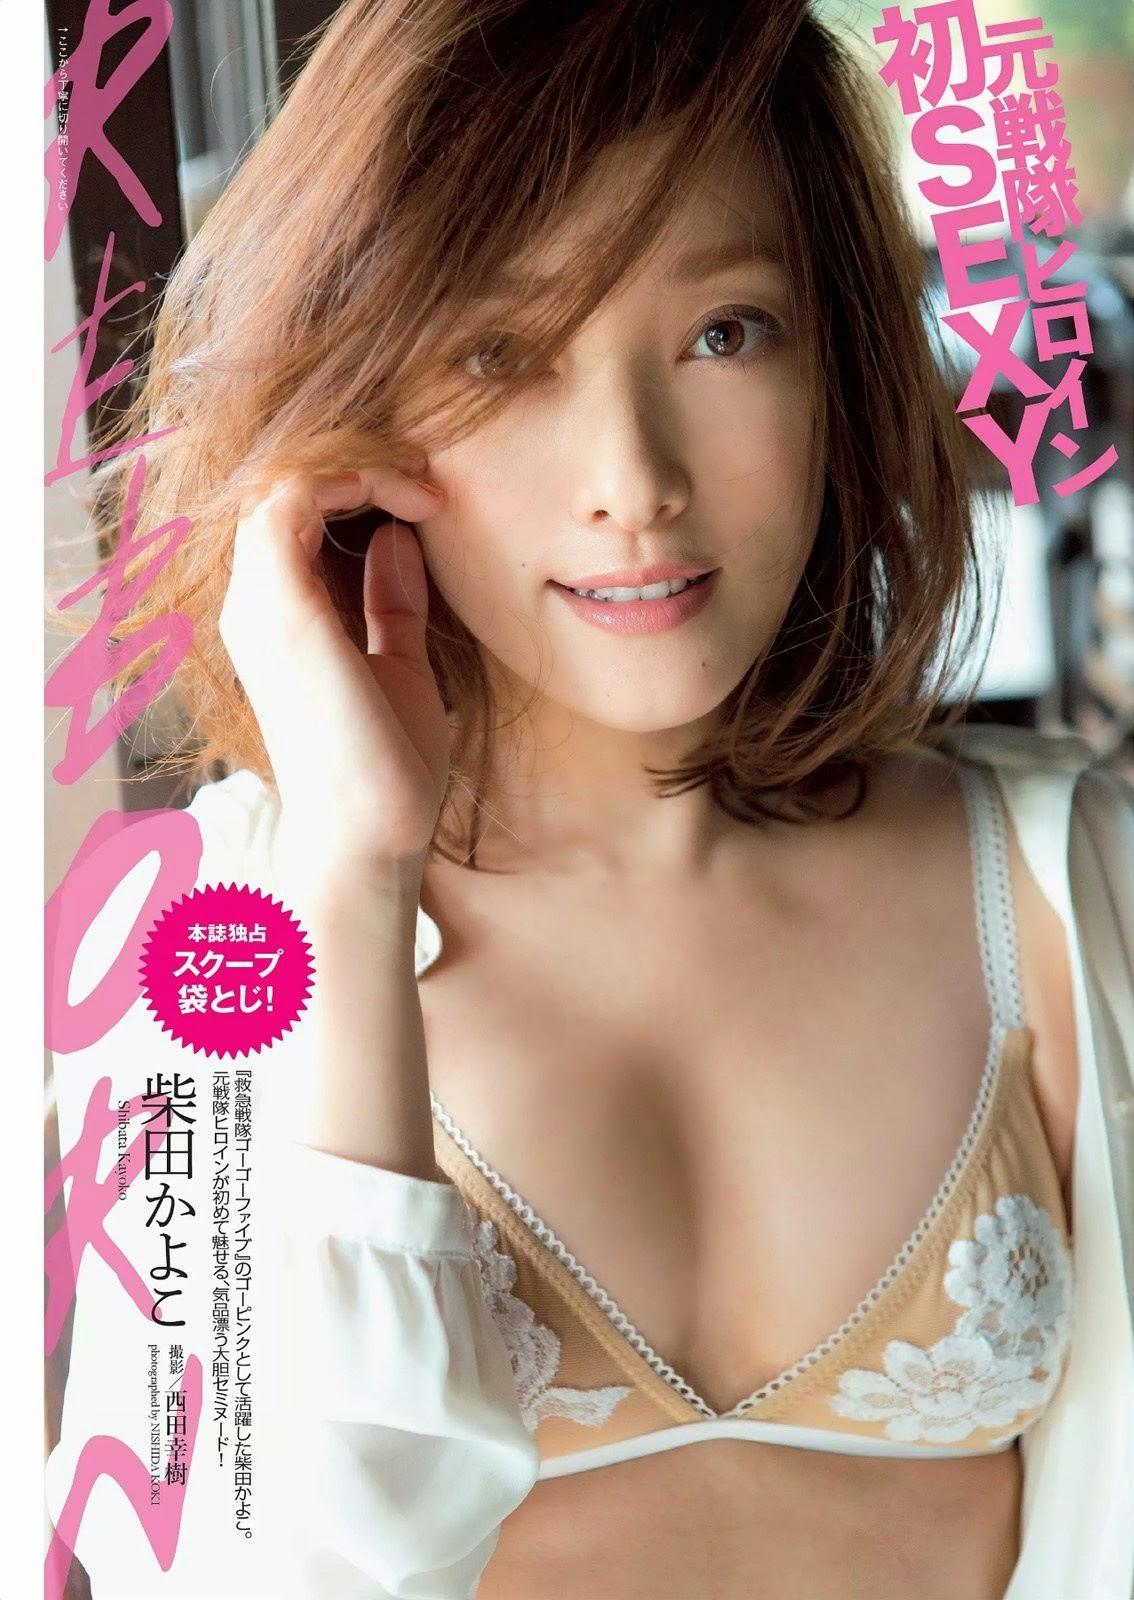 Shibata Kayoko 柴田かよこ Weekly Playboy March 2015 Photos